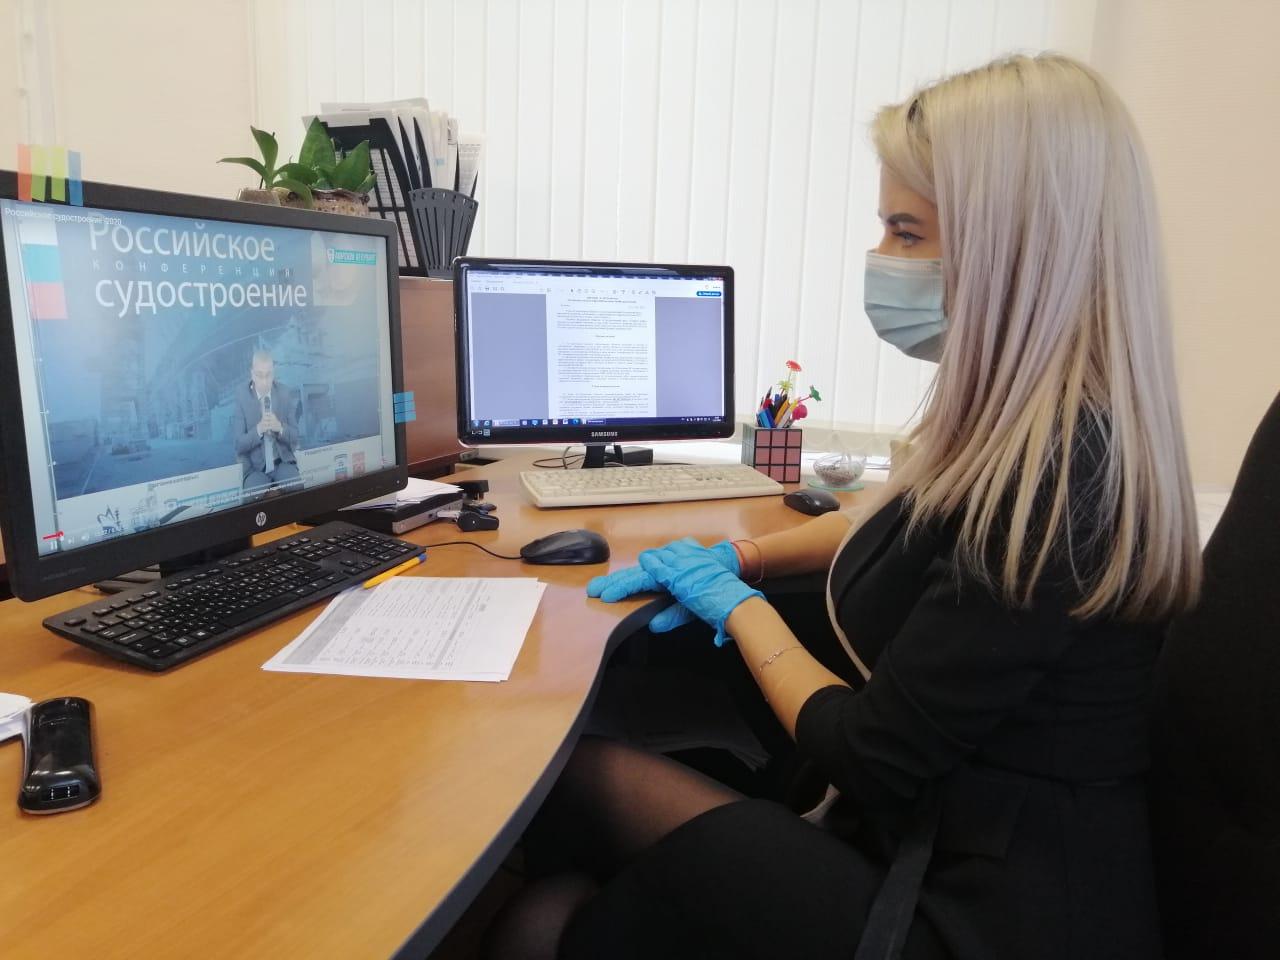 Коломенский завод поучаствовал на международной конференции «Российское судостроение 2020»